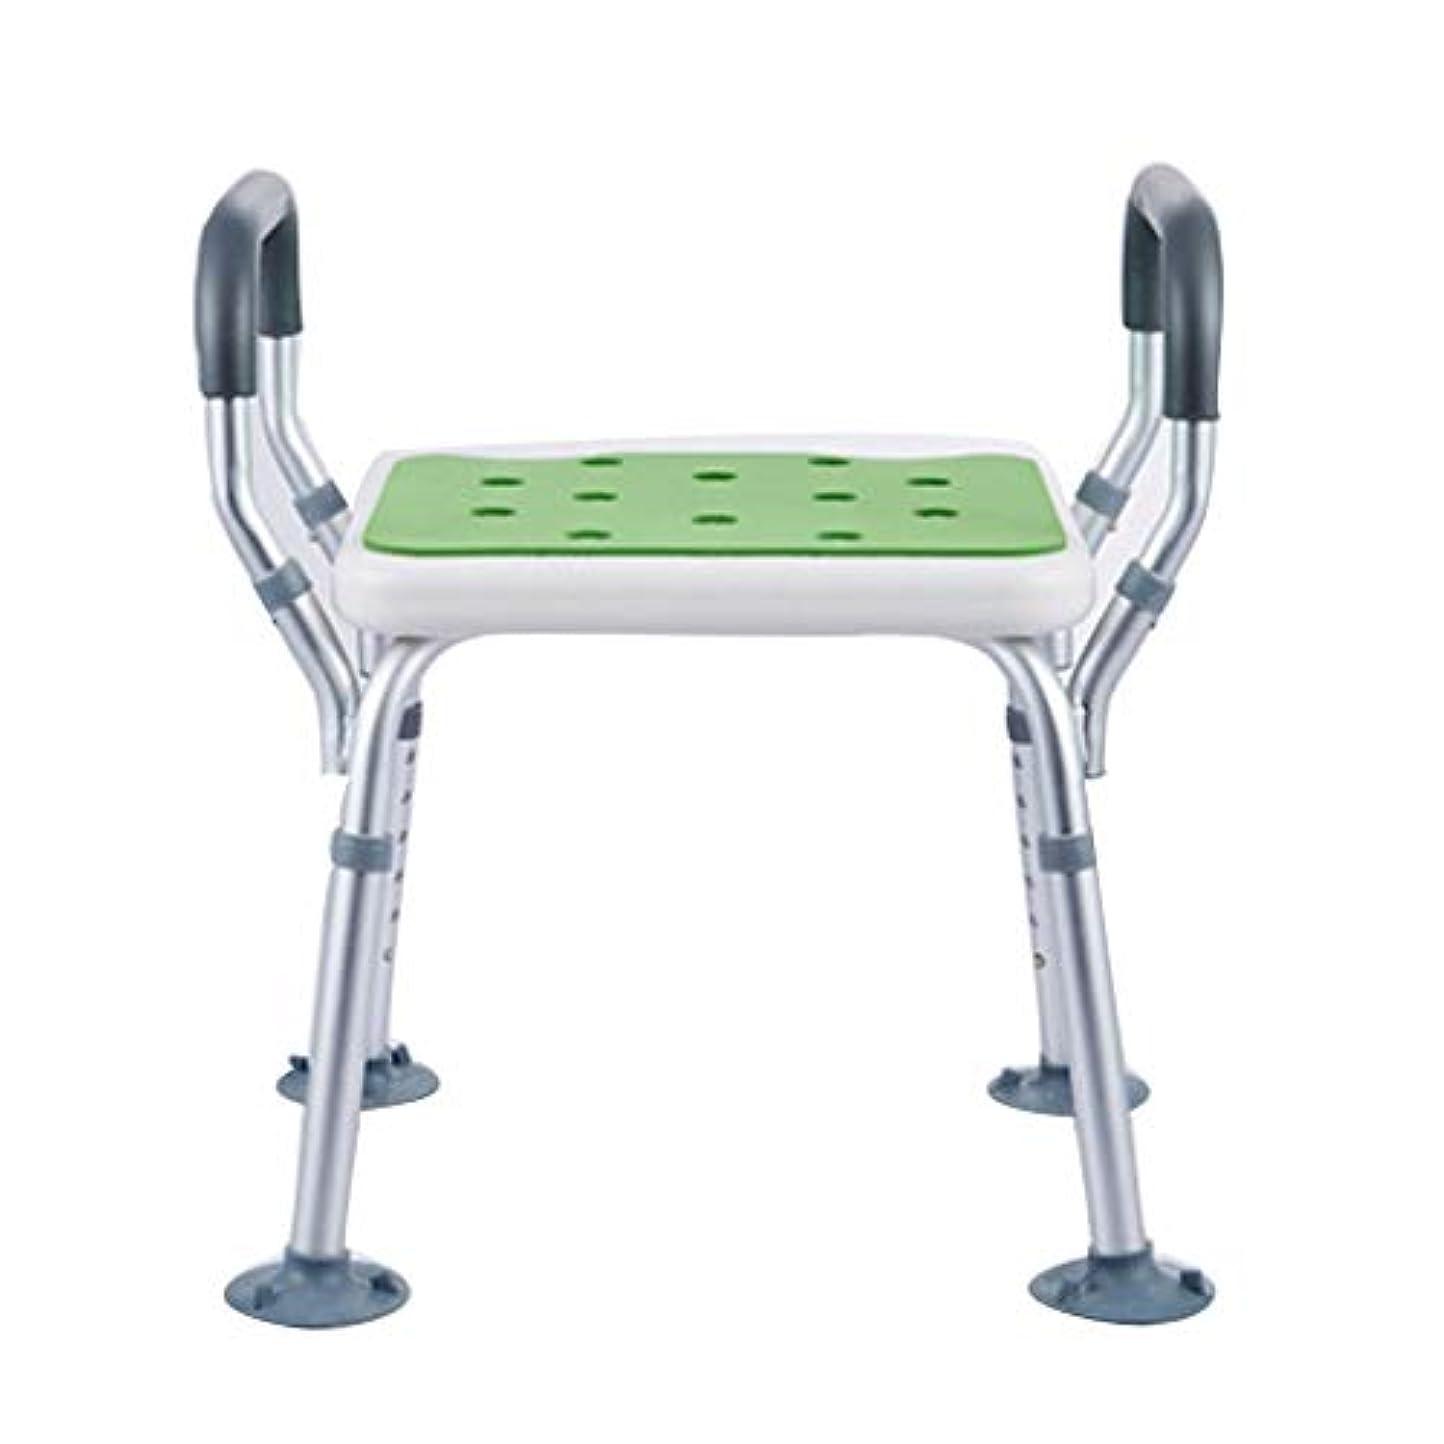 カウンタ相対性理論容器シャワーベンチ シャワーベンチ バス アル コンフォート アルミ合金 軽量コンパクト 取付簡単 丈夫 入浴補助用具 高齢者身体障害者妊婦に適しています、肘掛付 耐荷重約100kg